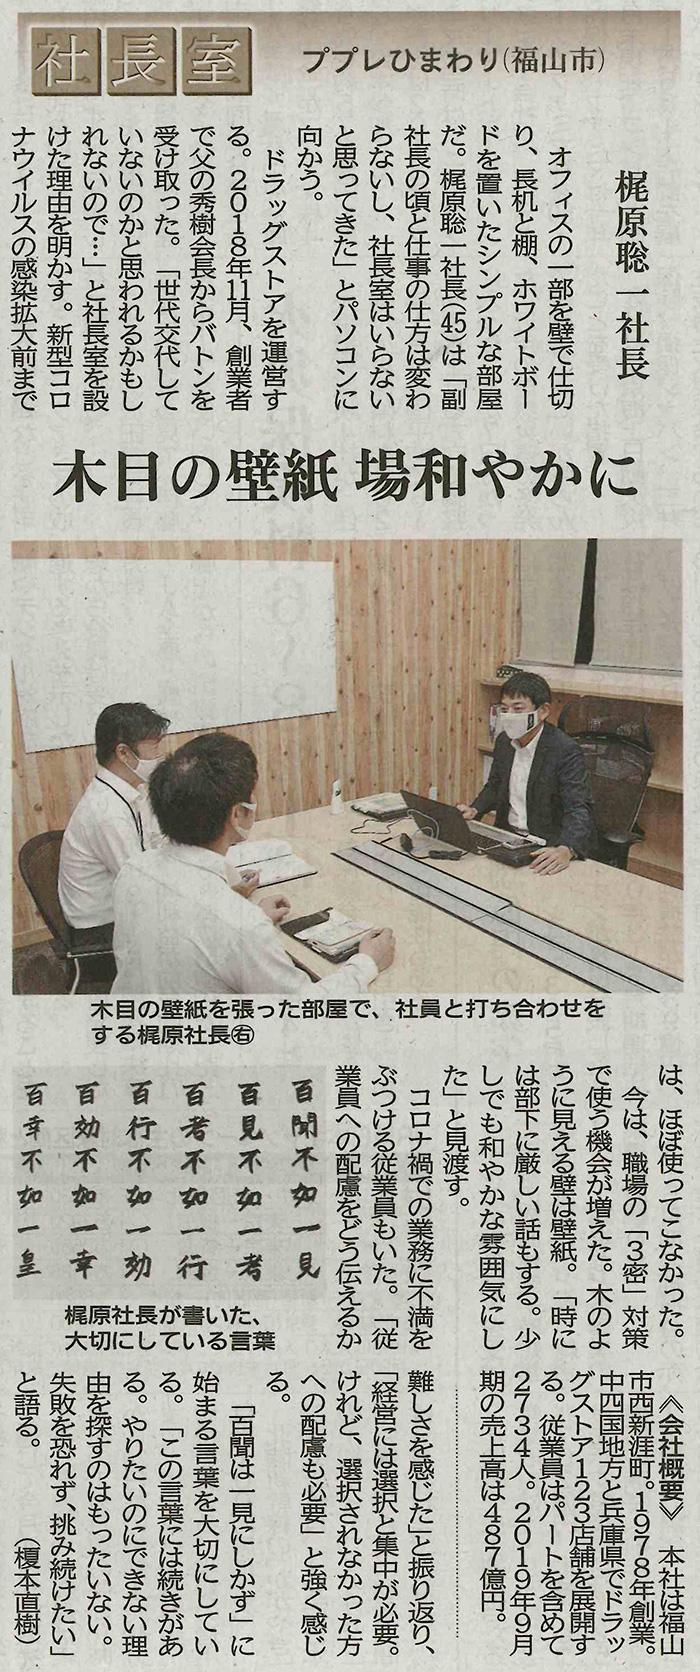 中国 新聞 ニュース